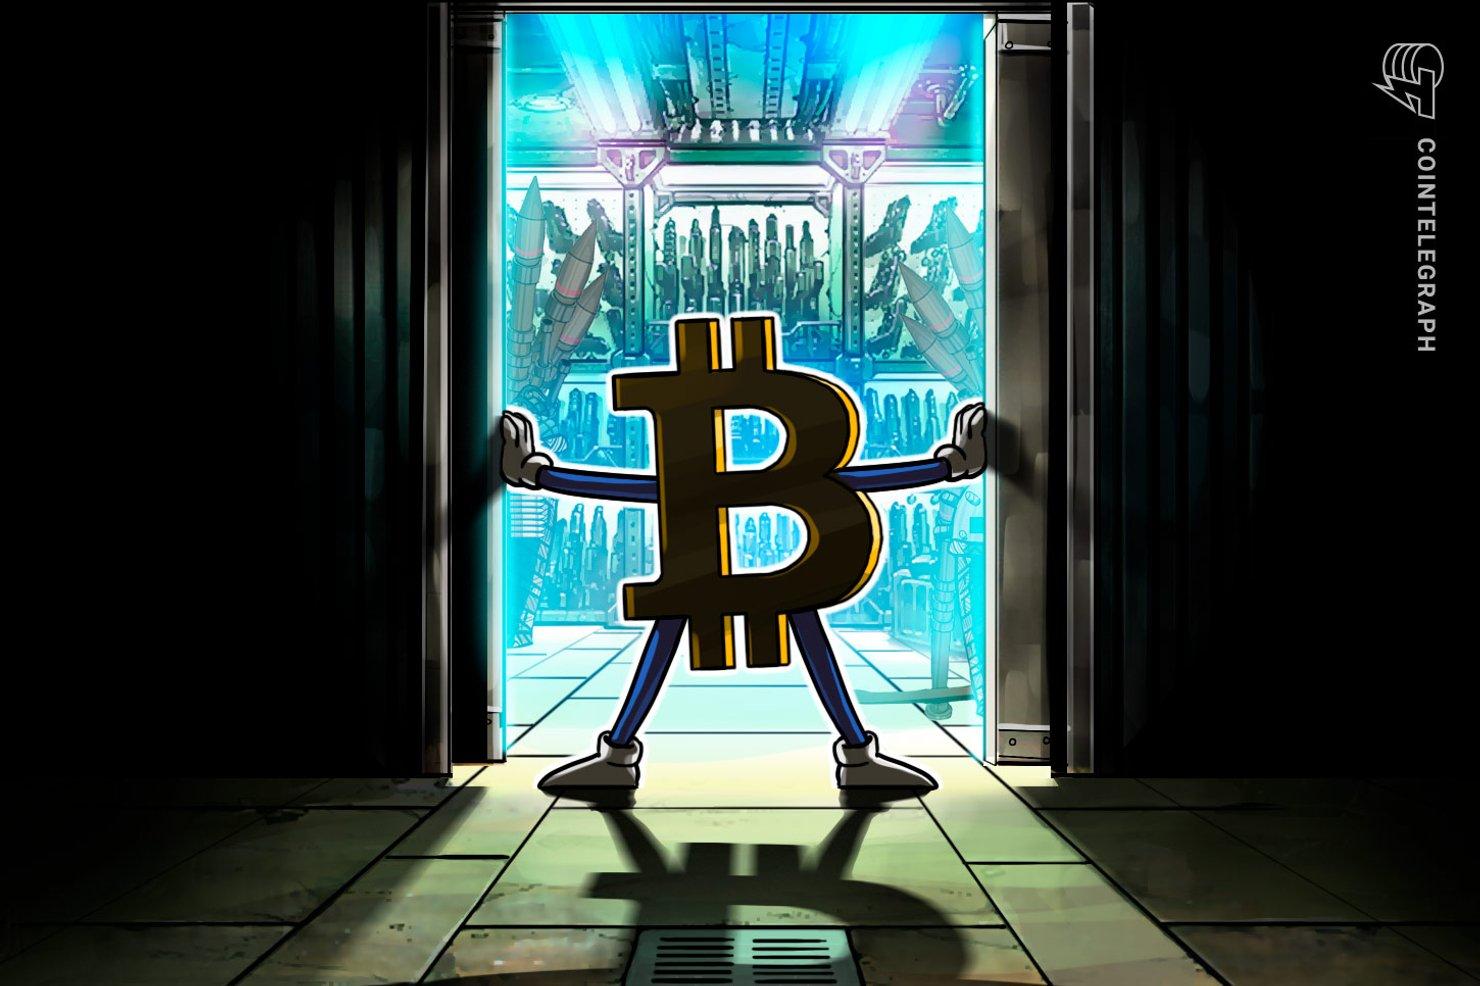 ビットコイン(BTC)はいくらから買えるの?最低購入額やおすすめ取引所をご紹介!